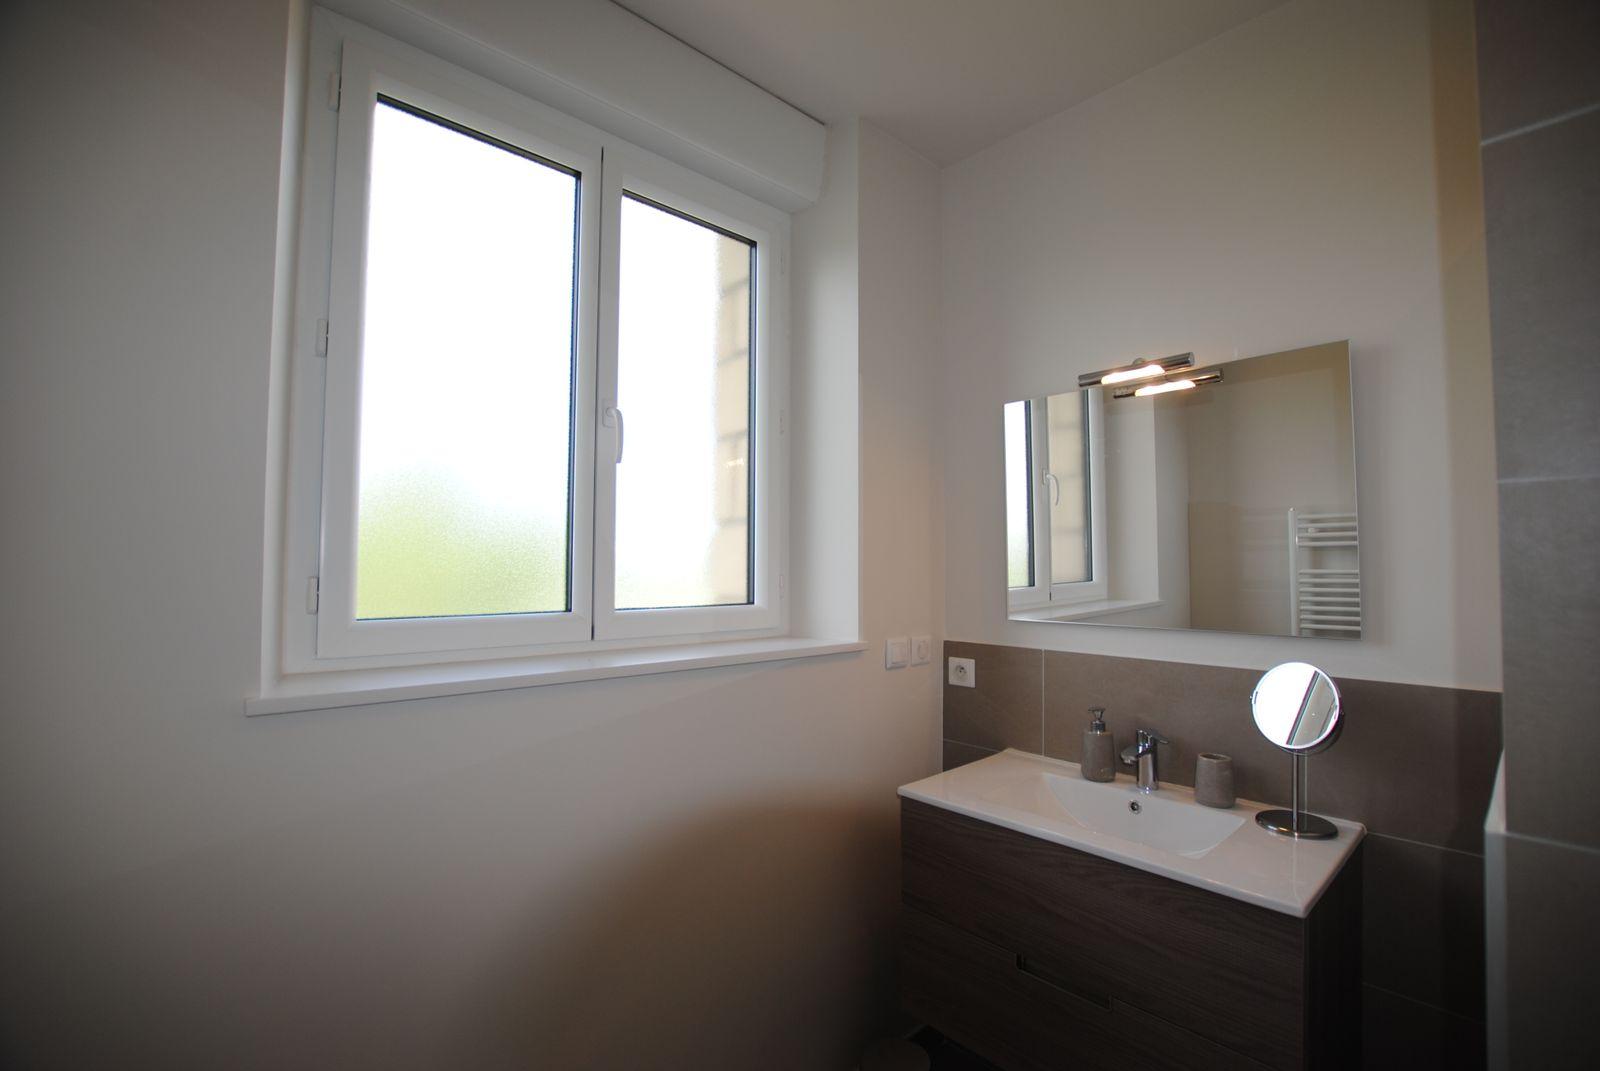 51G494 - Pogny - La Maison Gabriel - salle d'eau 1er étage